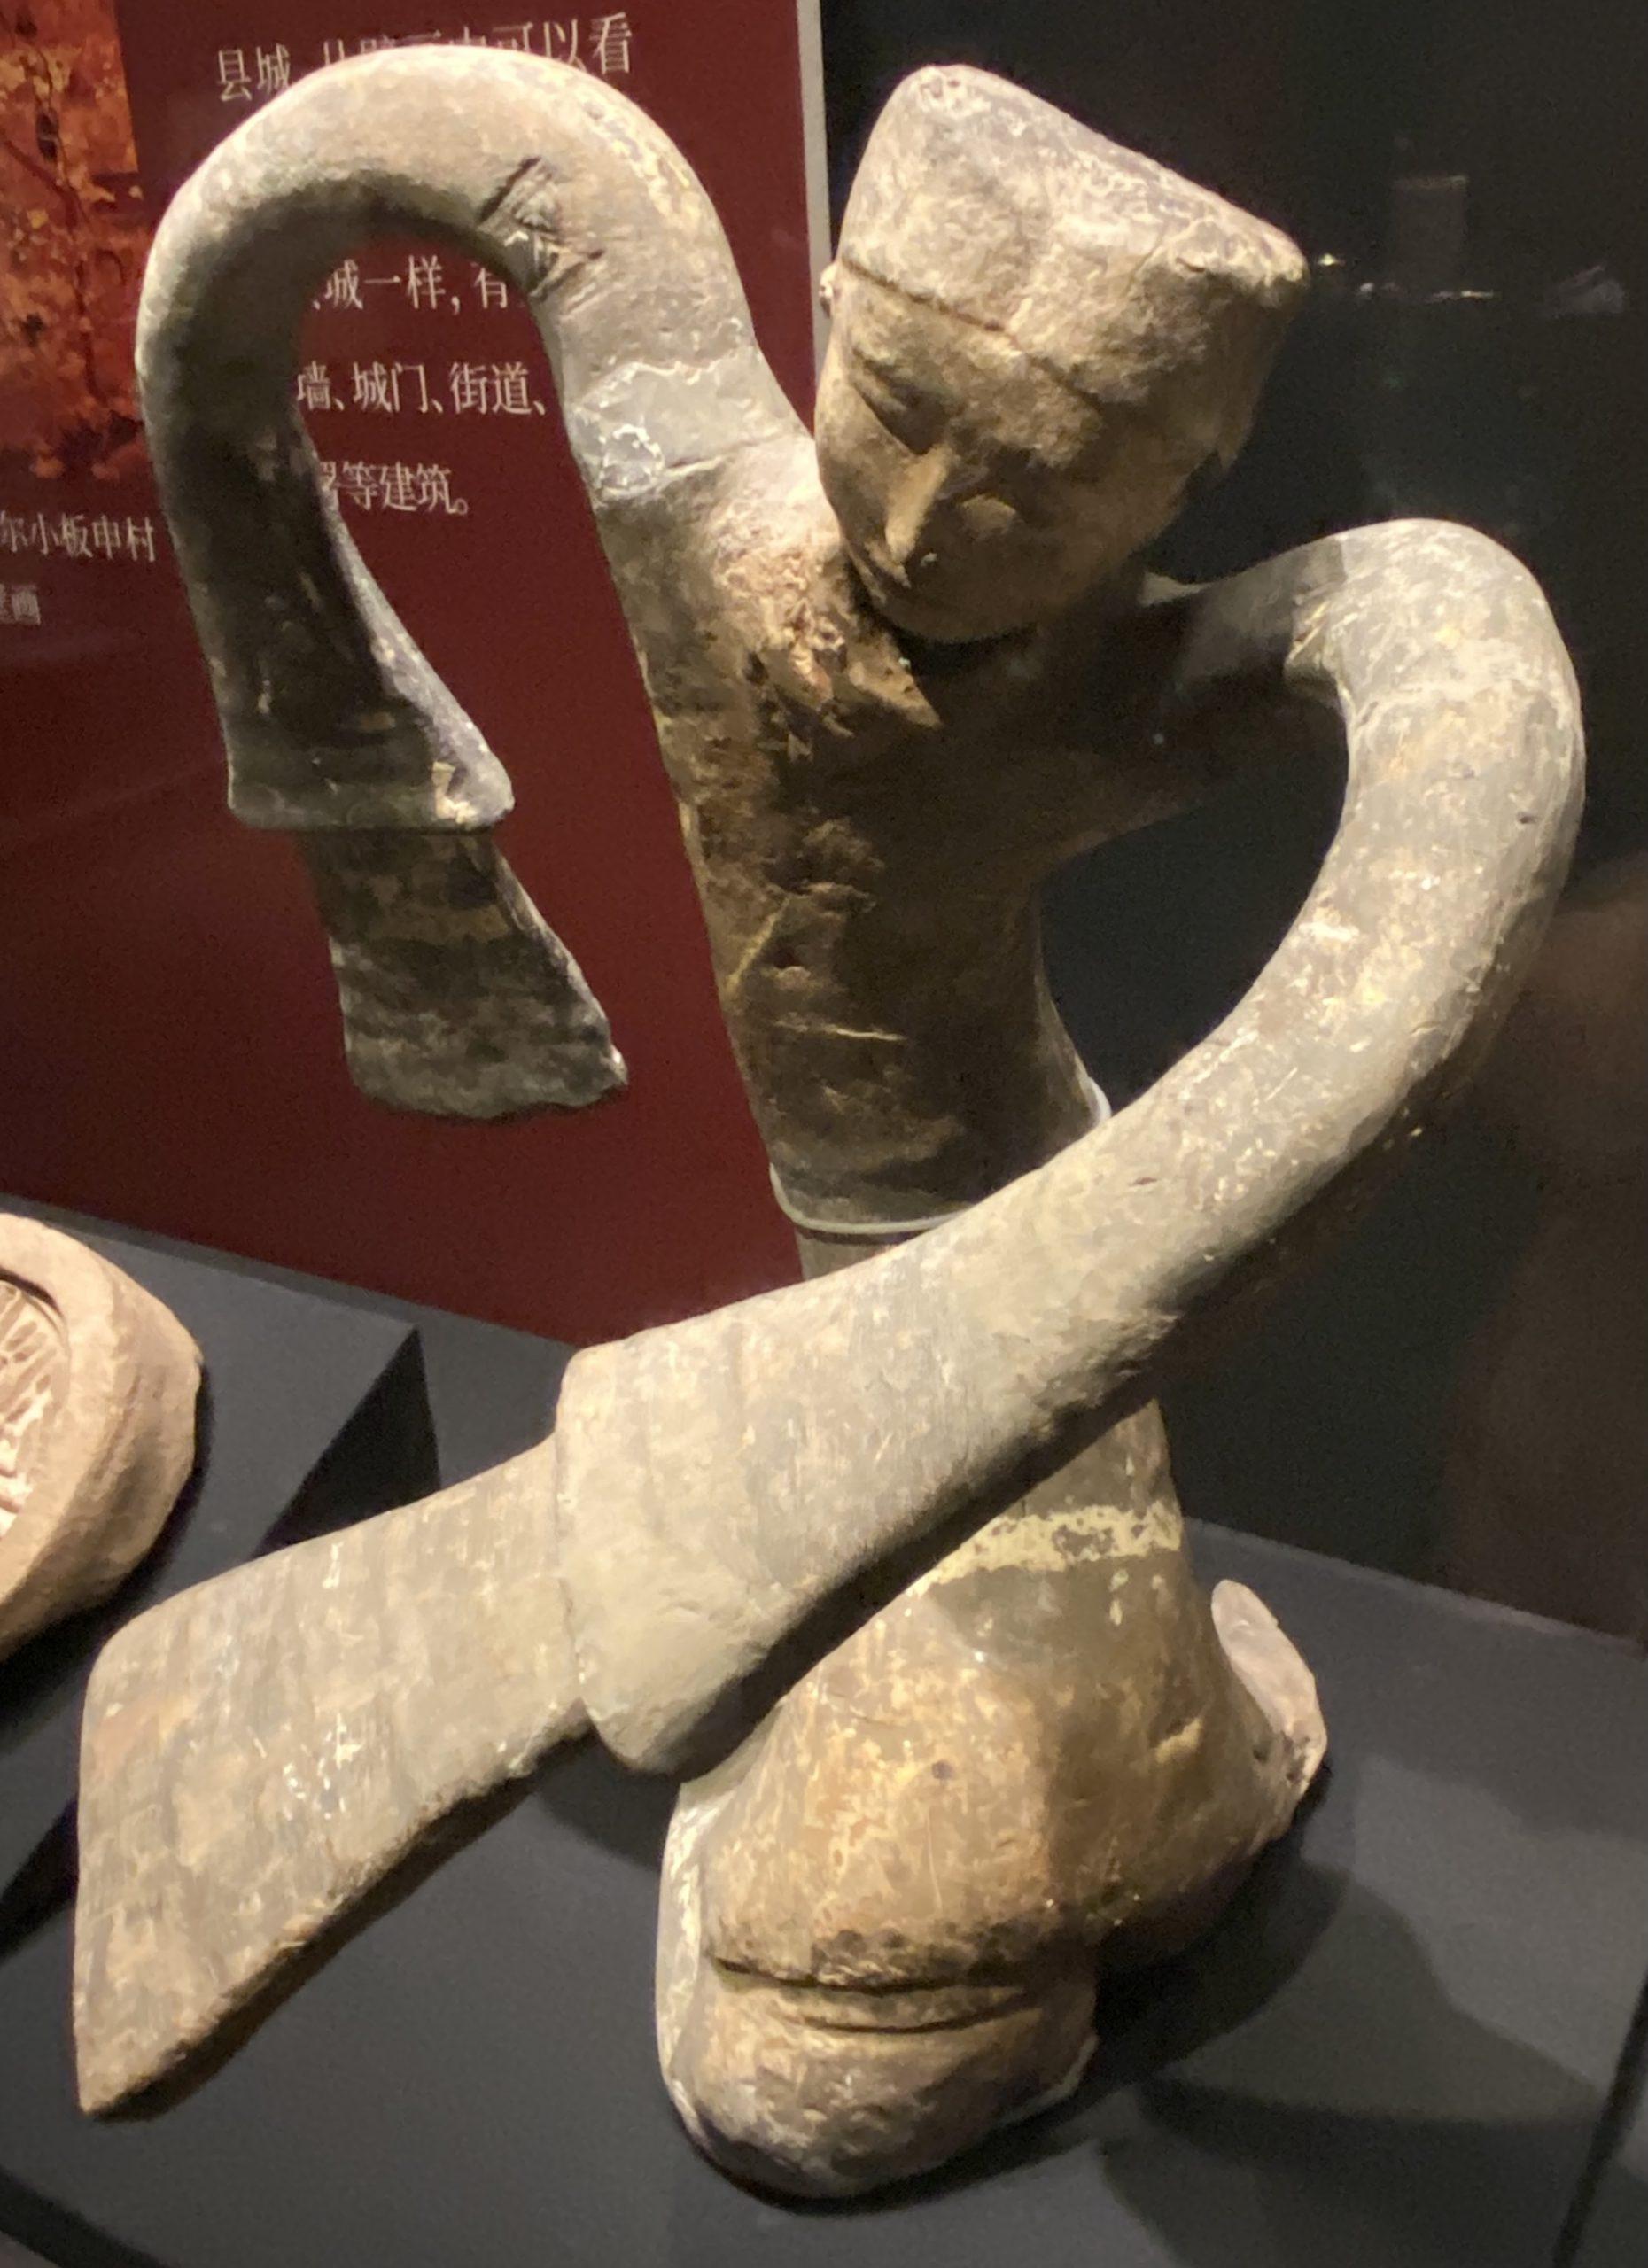 陶繞襟衣舞俑-【列備五都-秦漢時代の中国都市】-成都博物館-四川成都